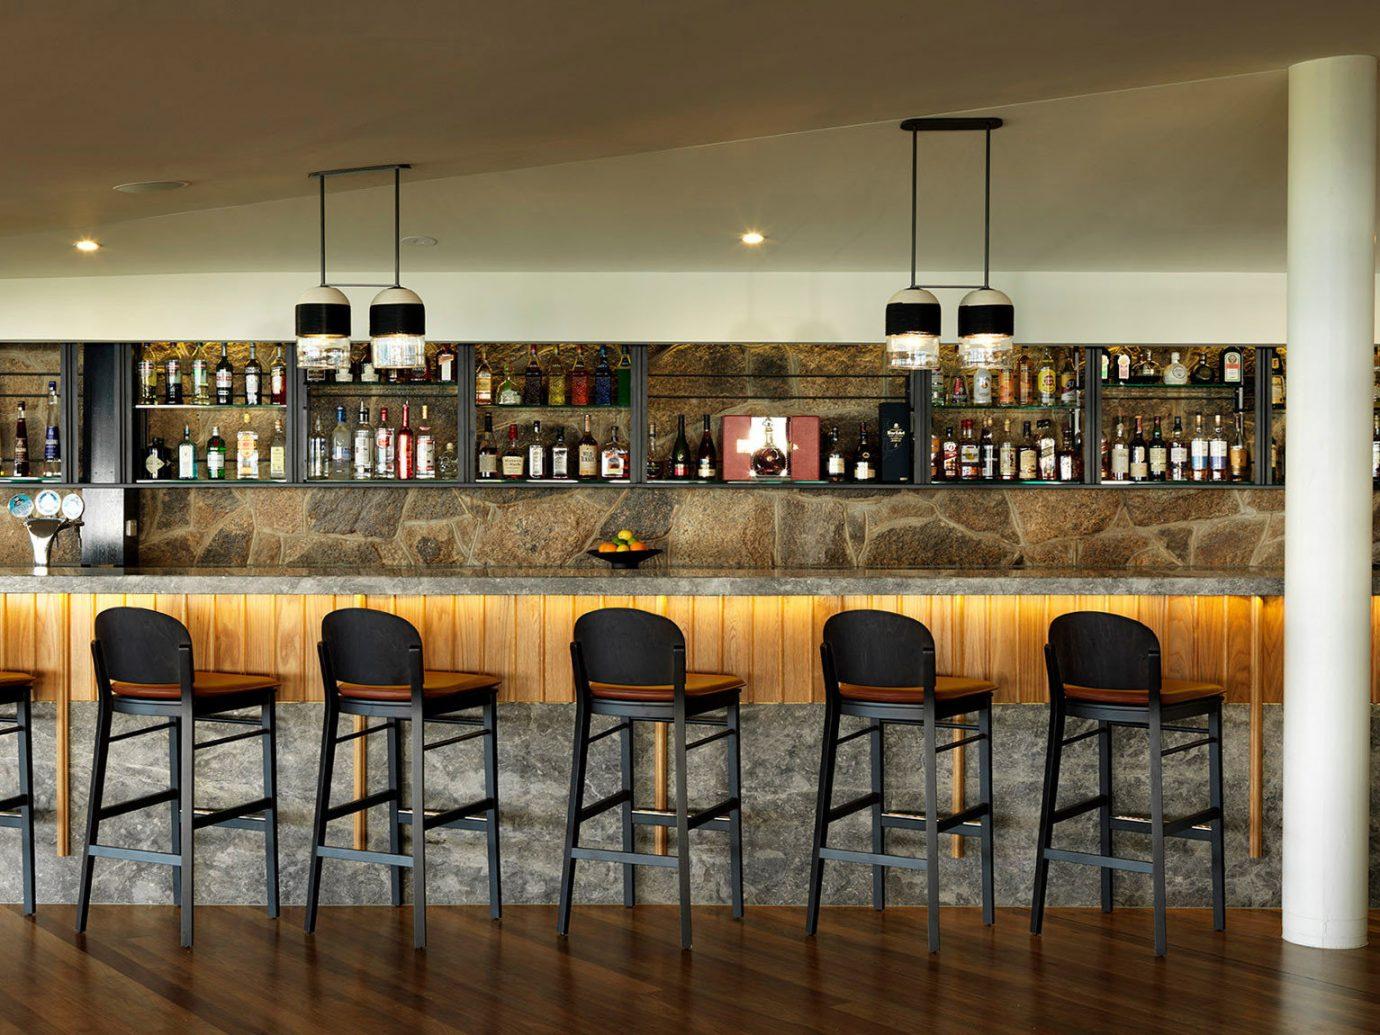 All-Inclusive Resorts Beach Hotels floor indoor room Bar interior design restaurant wooden Design wood